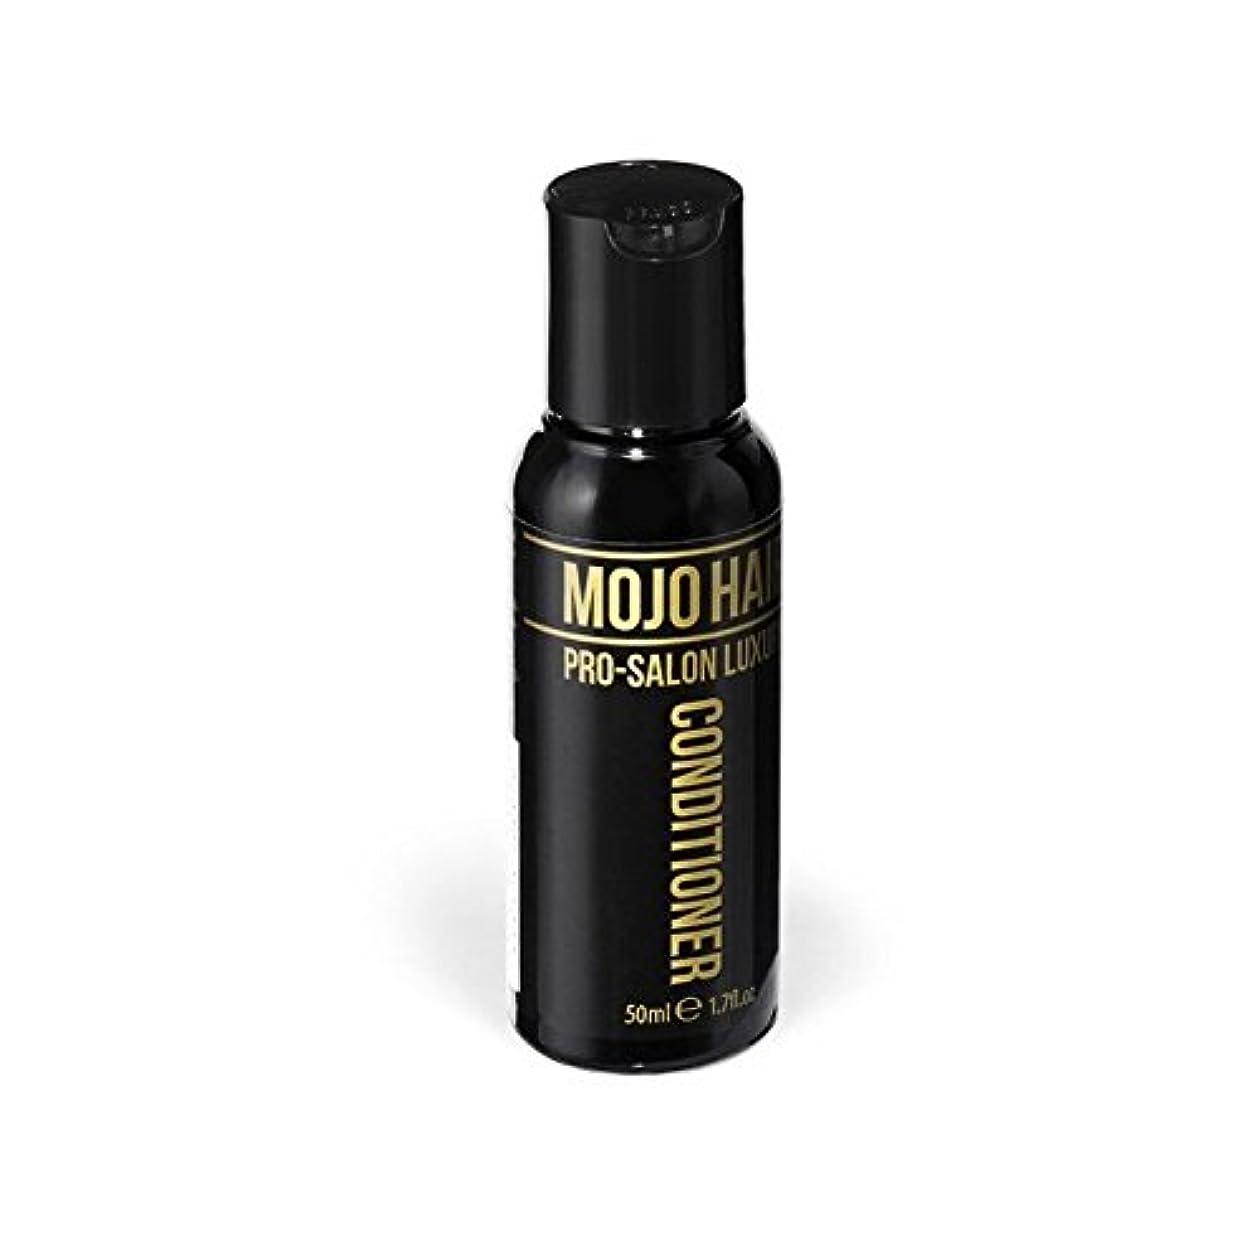 炭素原子炉高齢者モジョの毛プロのサロンの贅沢なコンディショナー(50ミリリットル) x2 - Mojo Hair Pro-Salon Luxury Conditioner (50ml) (Pack of 2) [並行輸入品]